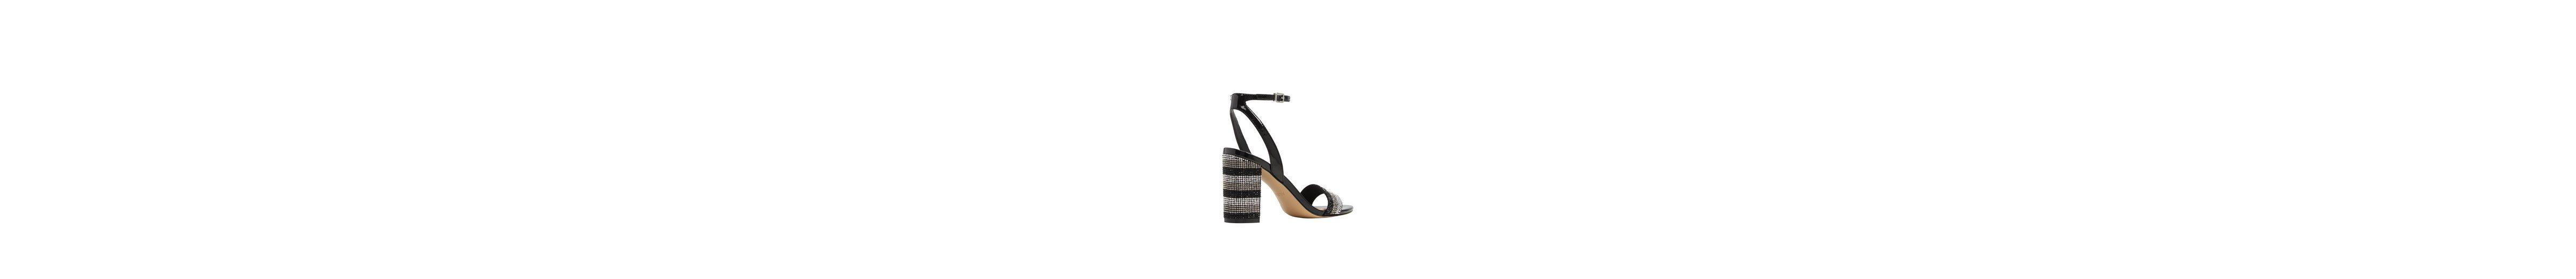 Strass ALDO Sandalette mit Sandalette ALDO Besatz Carerith Carerith SnqHYn8